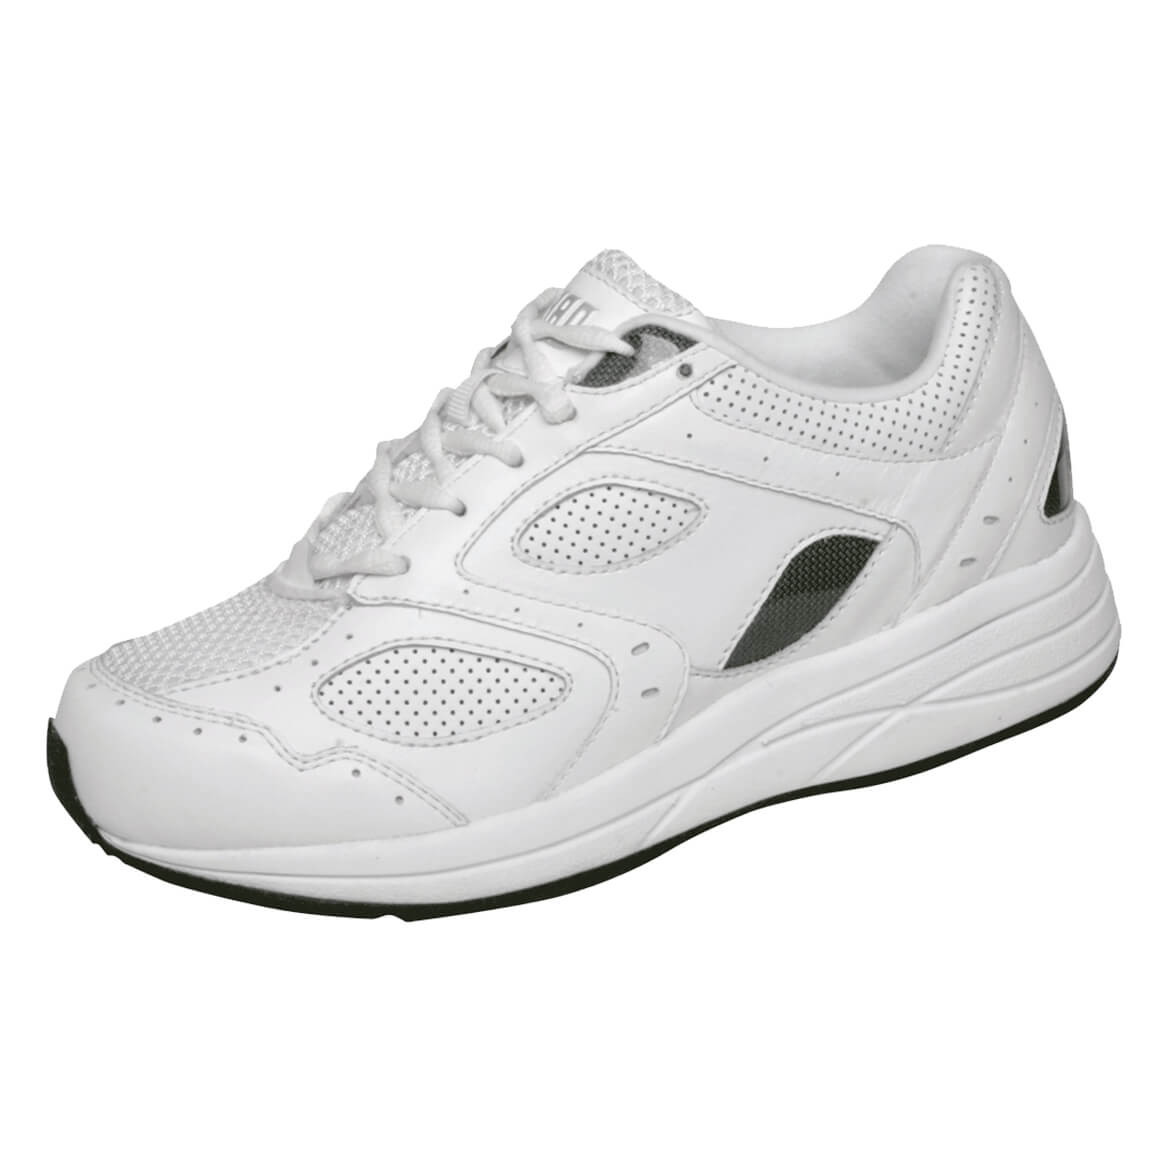 Drew® Flare Women's Walking Shoe-363604